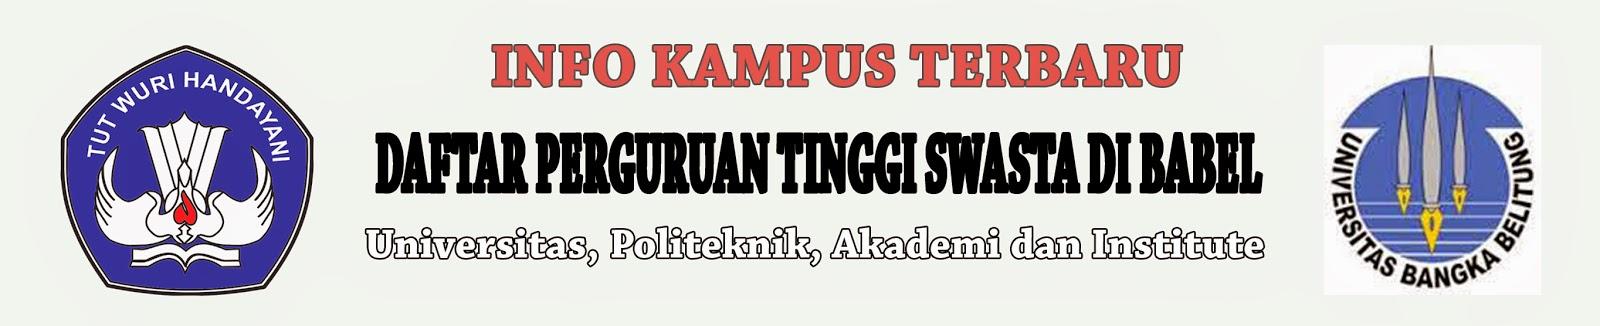 Daftar Perguruan Tinggi Swasta Di Bangka Belitung